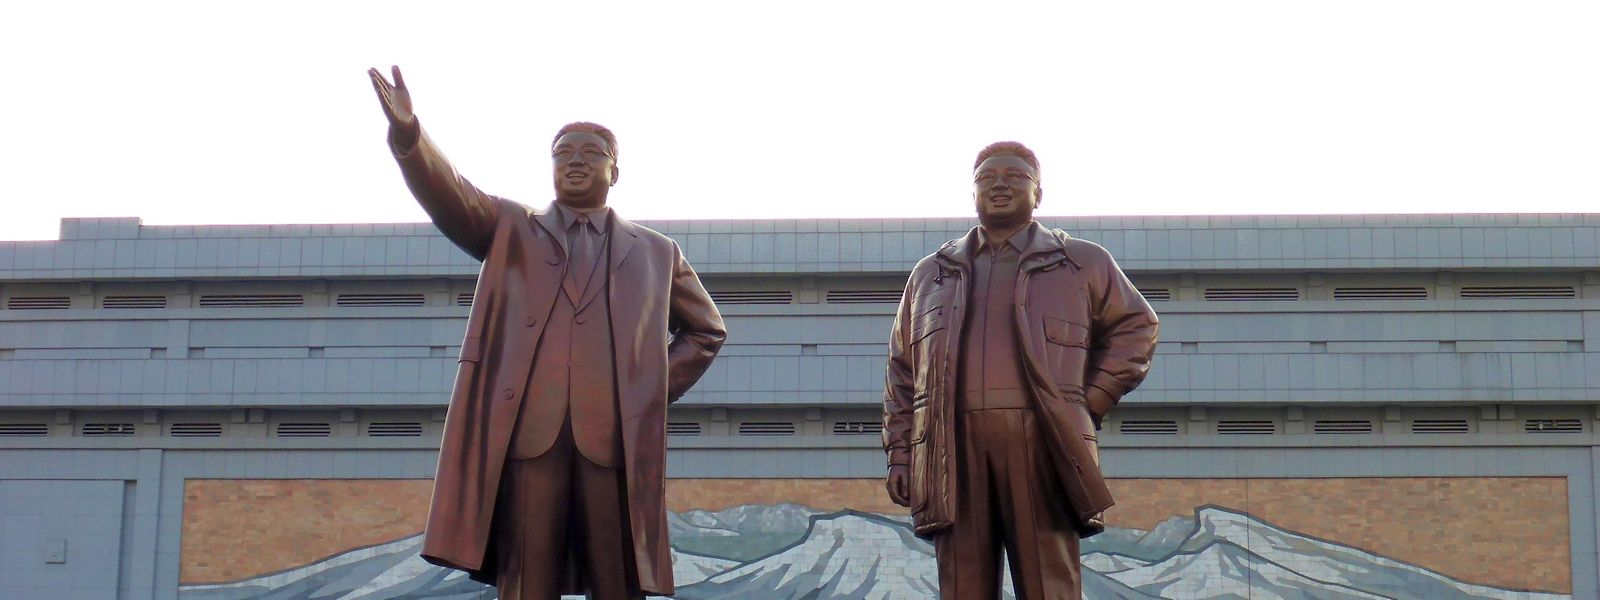 Allgegenwärtig: Die Staatsführung, hier in Bronze.